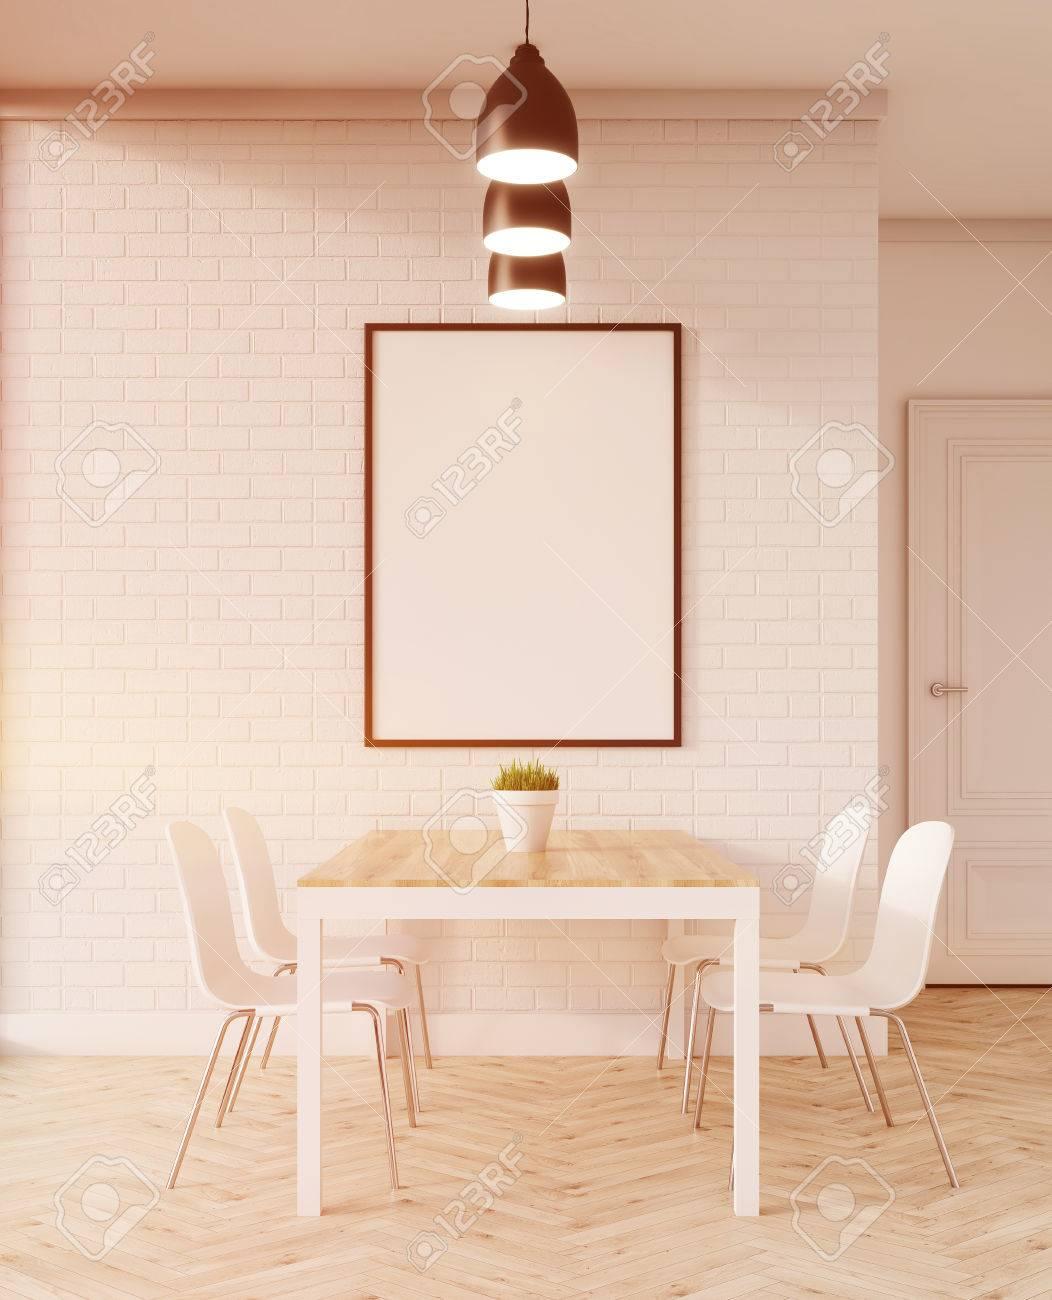 https://previews.123rf.com/images/ismagilov/ismagilov1610/ismagilov161000226/63520393-tavolo-da-pranzo-in-appartamento-sedie-bianche-sul-pavimento-di-legno-foto-incorniciata-%C3%A8-appesa-alla-.jpg